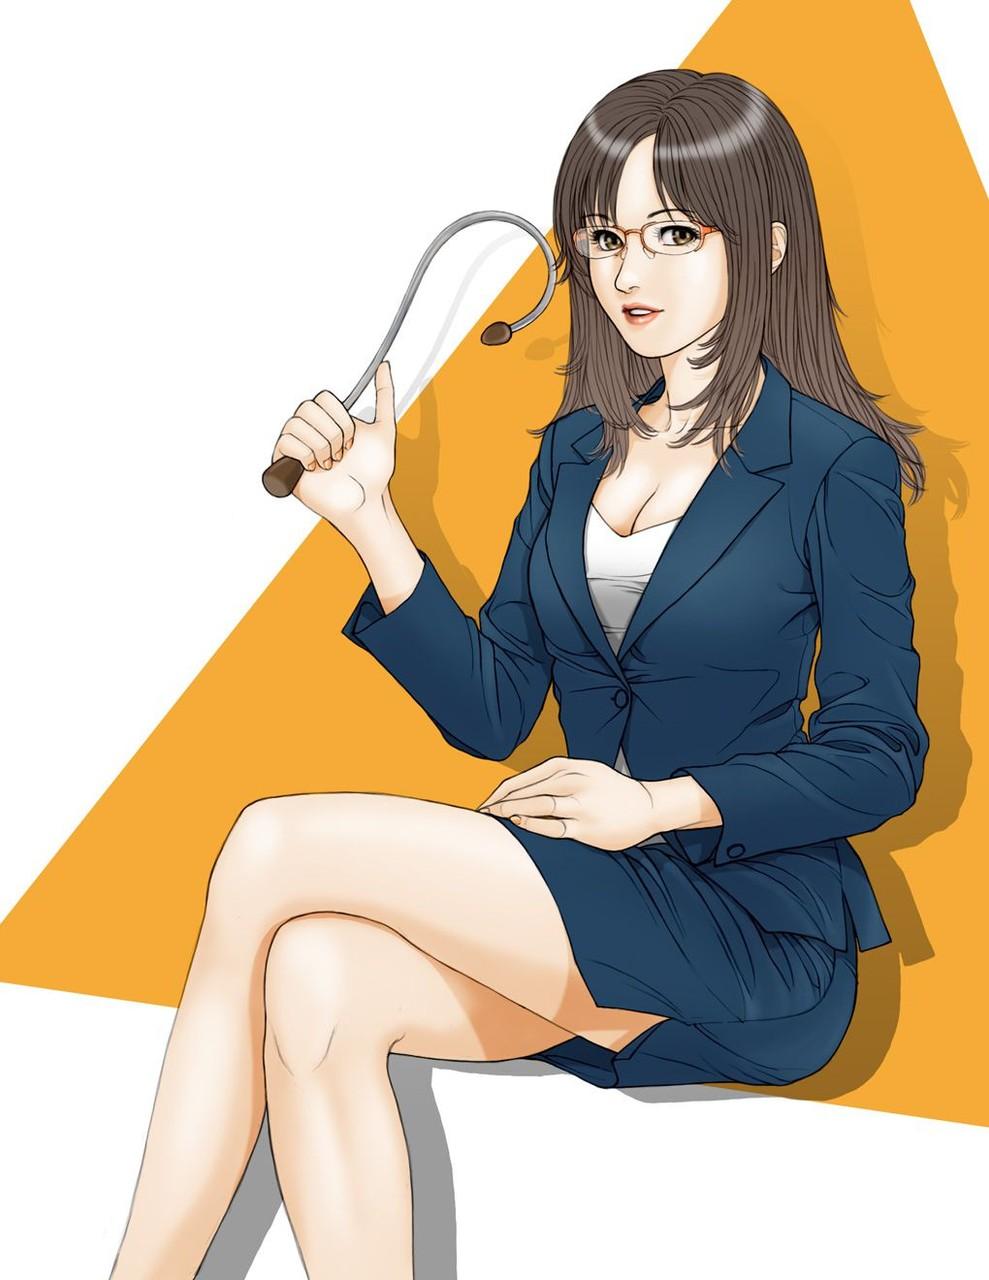 スカートスーツ 女一人 -コミック -アニメーション003